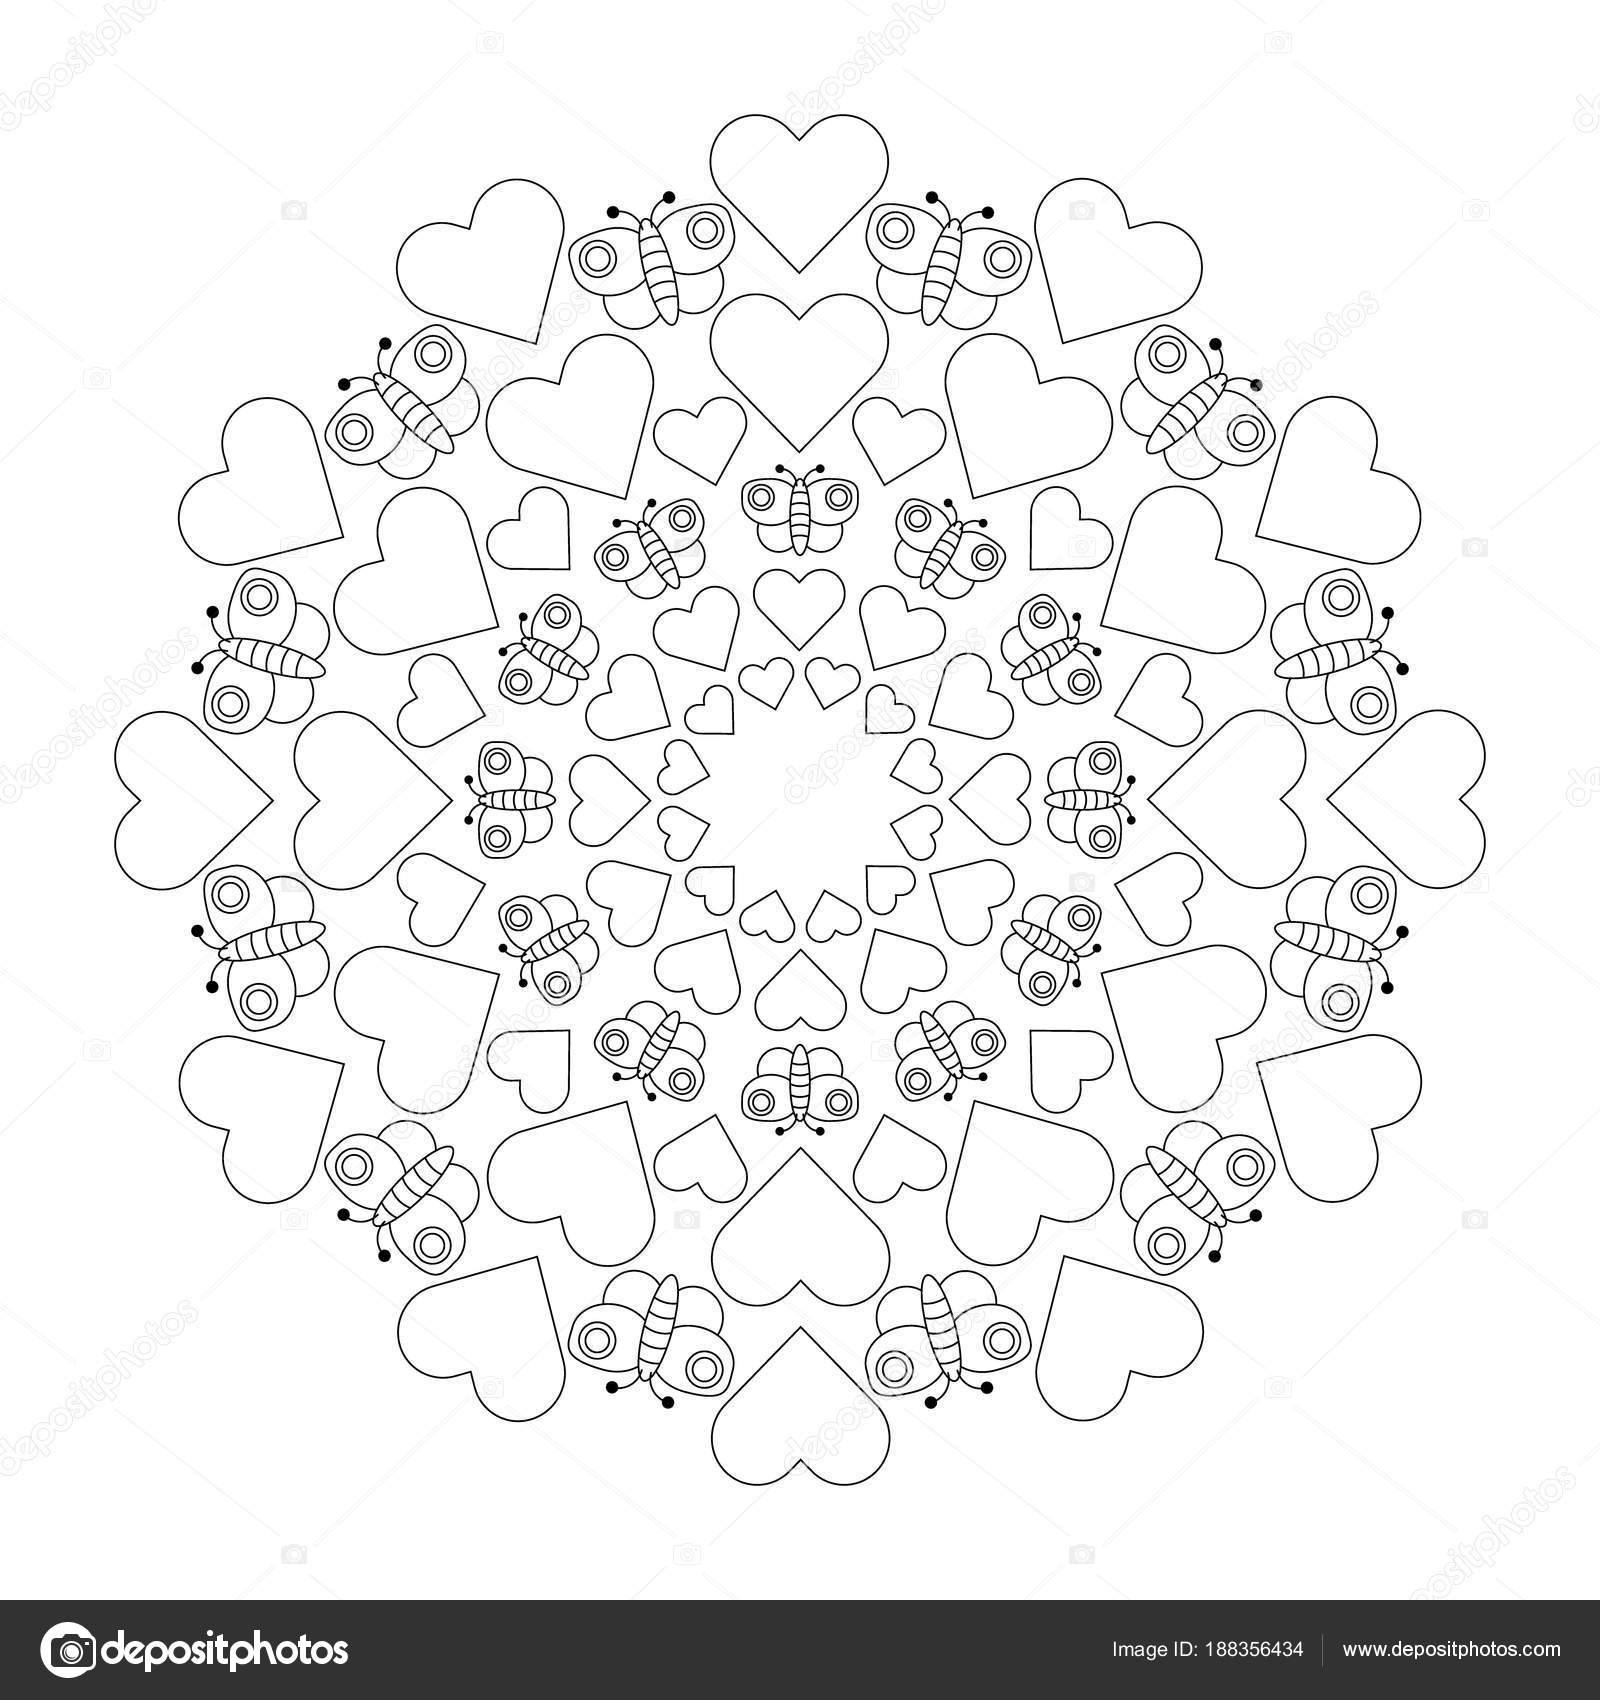 Kleurplaten Bloemen Vlinders Hartjes.Zwart Wit Circulaire Ronde Schattig Liefdevolle Mandala Met Hartjes